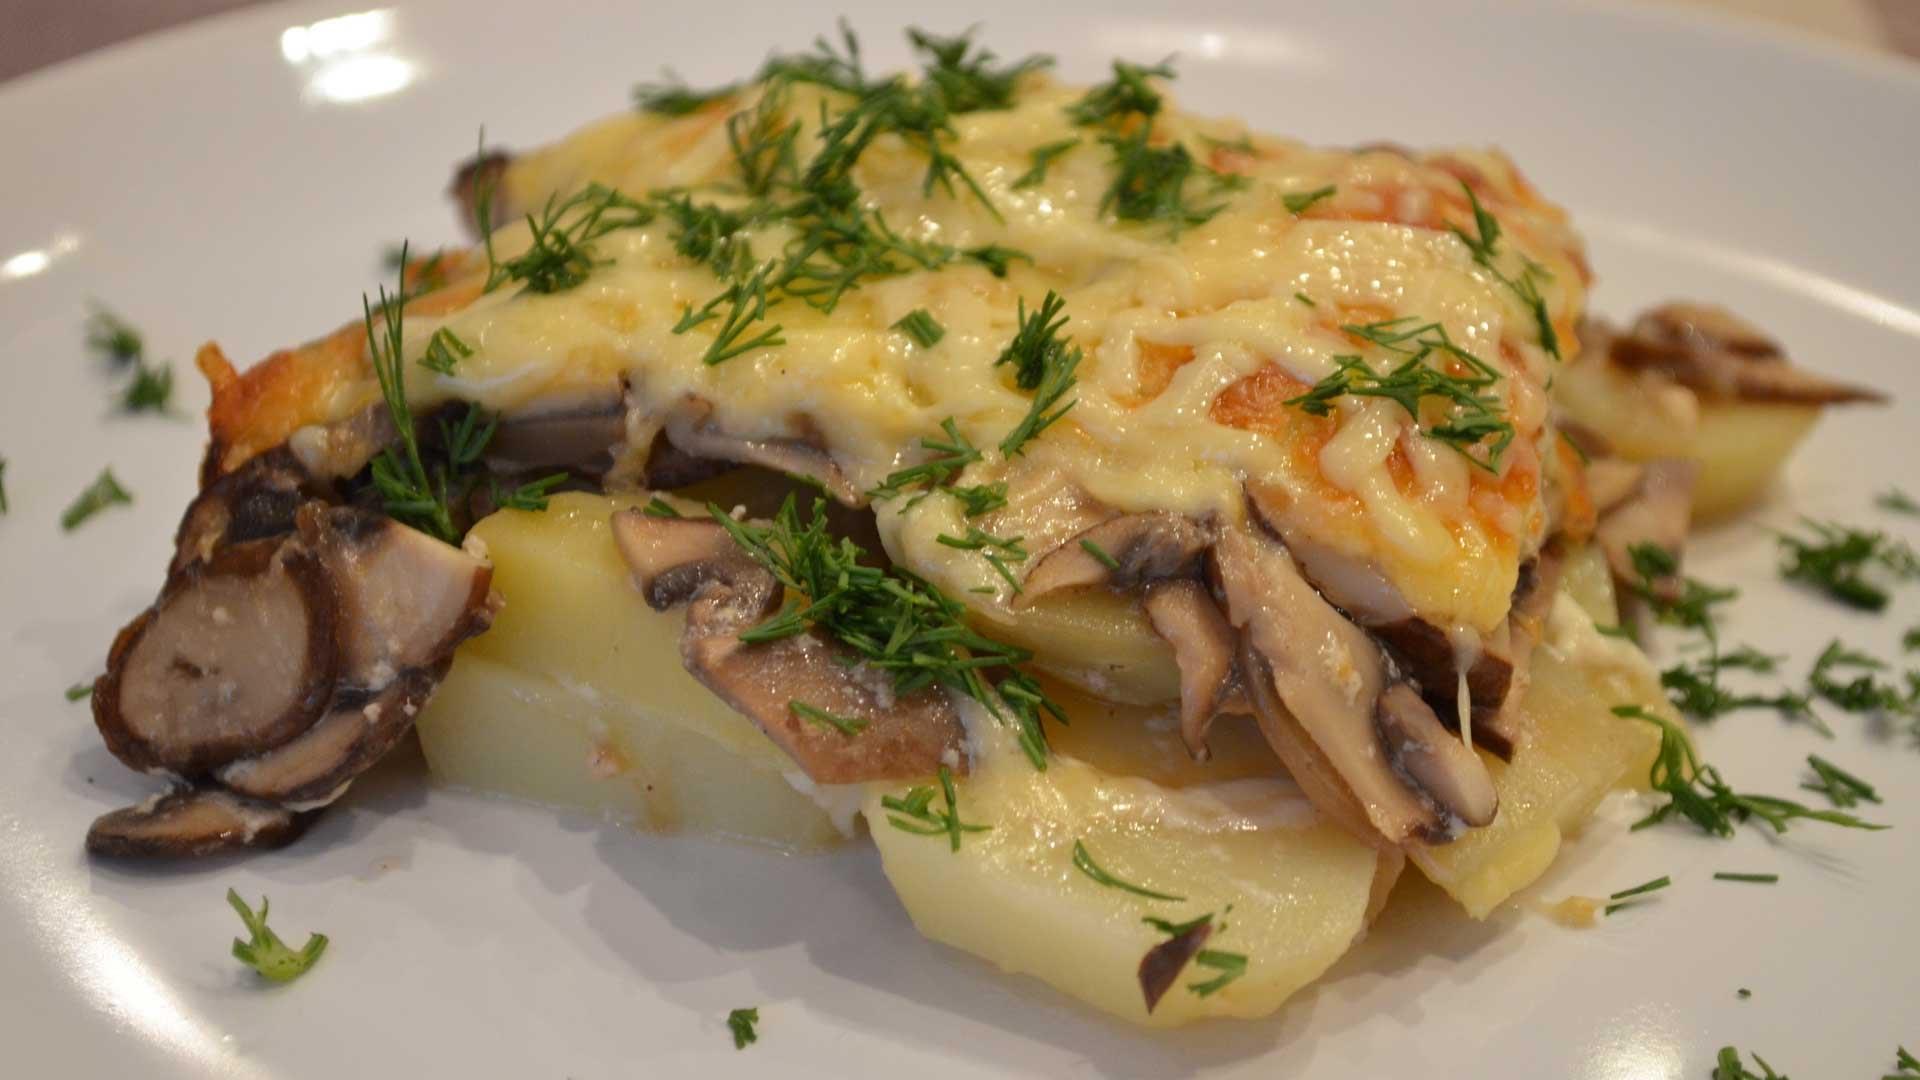 индейка запеченная с картофелем и грибами